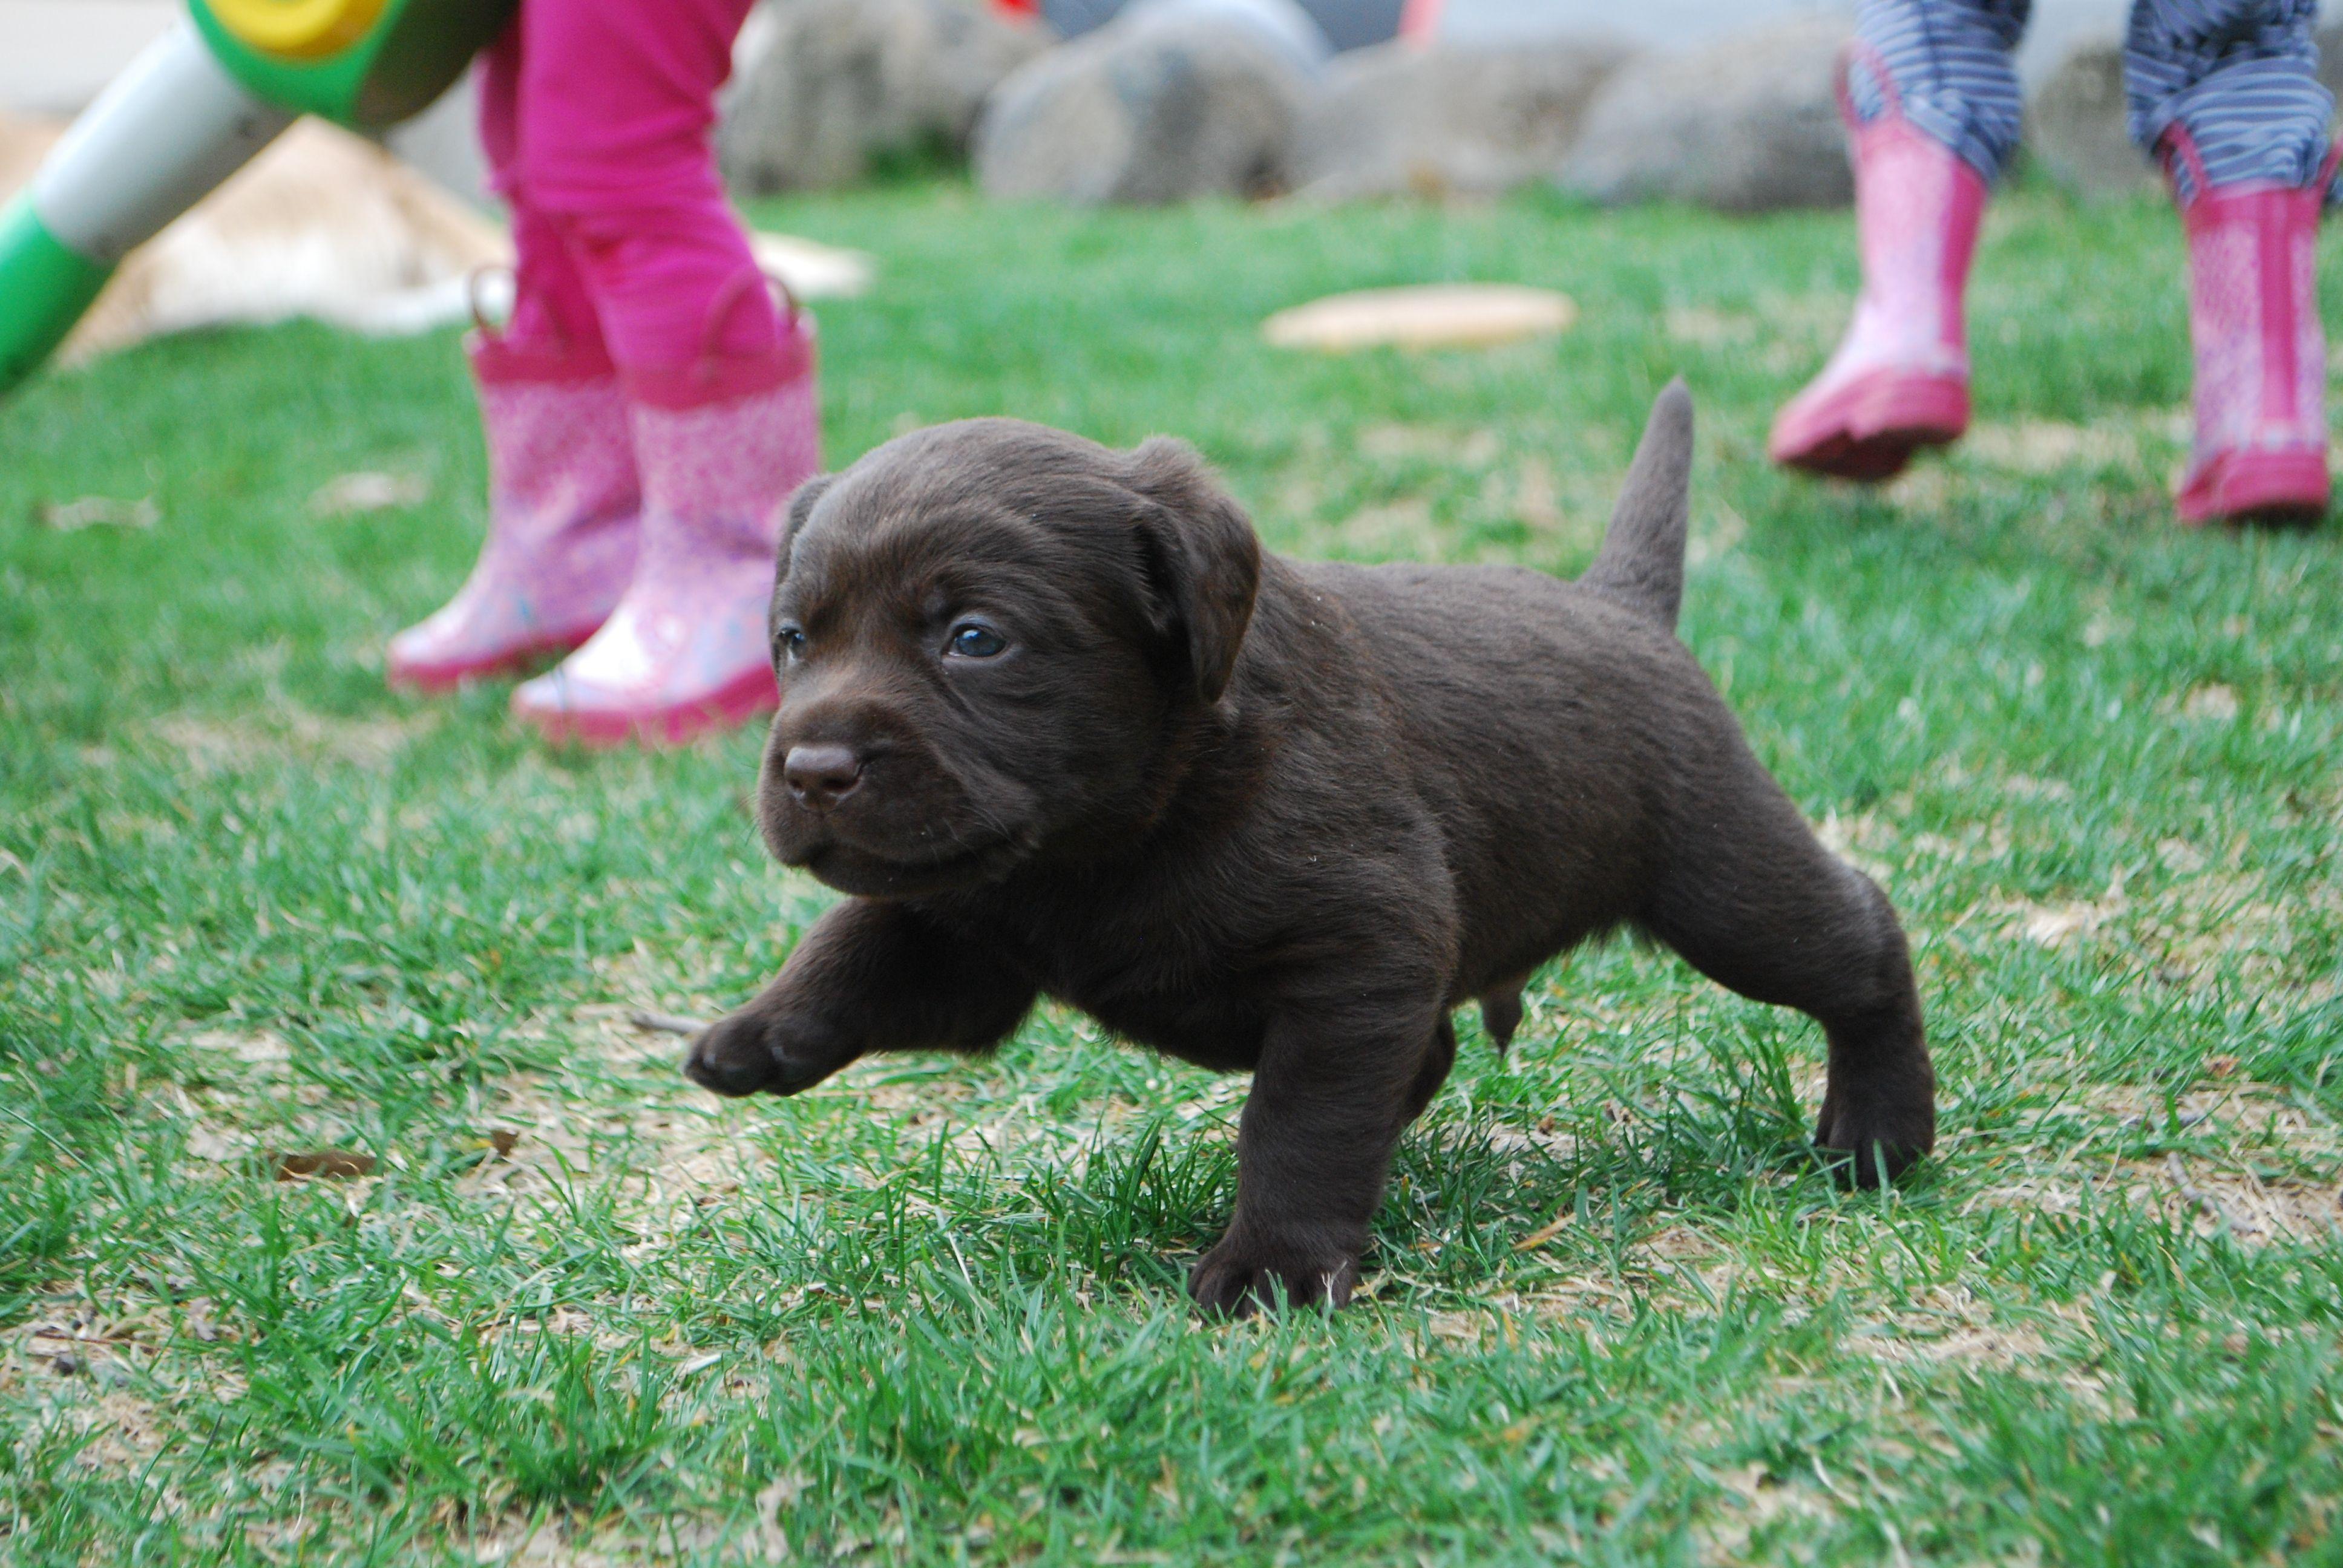 Labrador retriever birth weight – Dog life photo